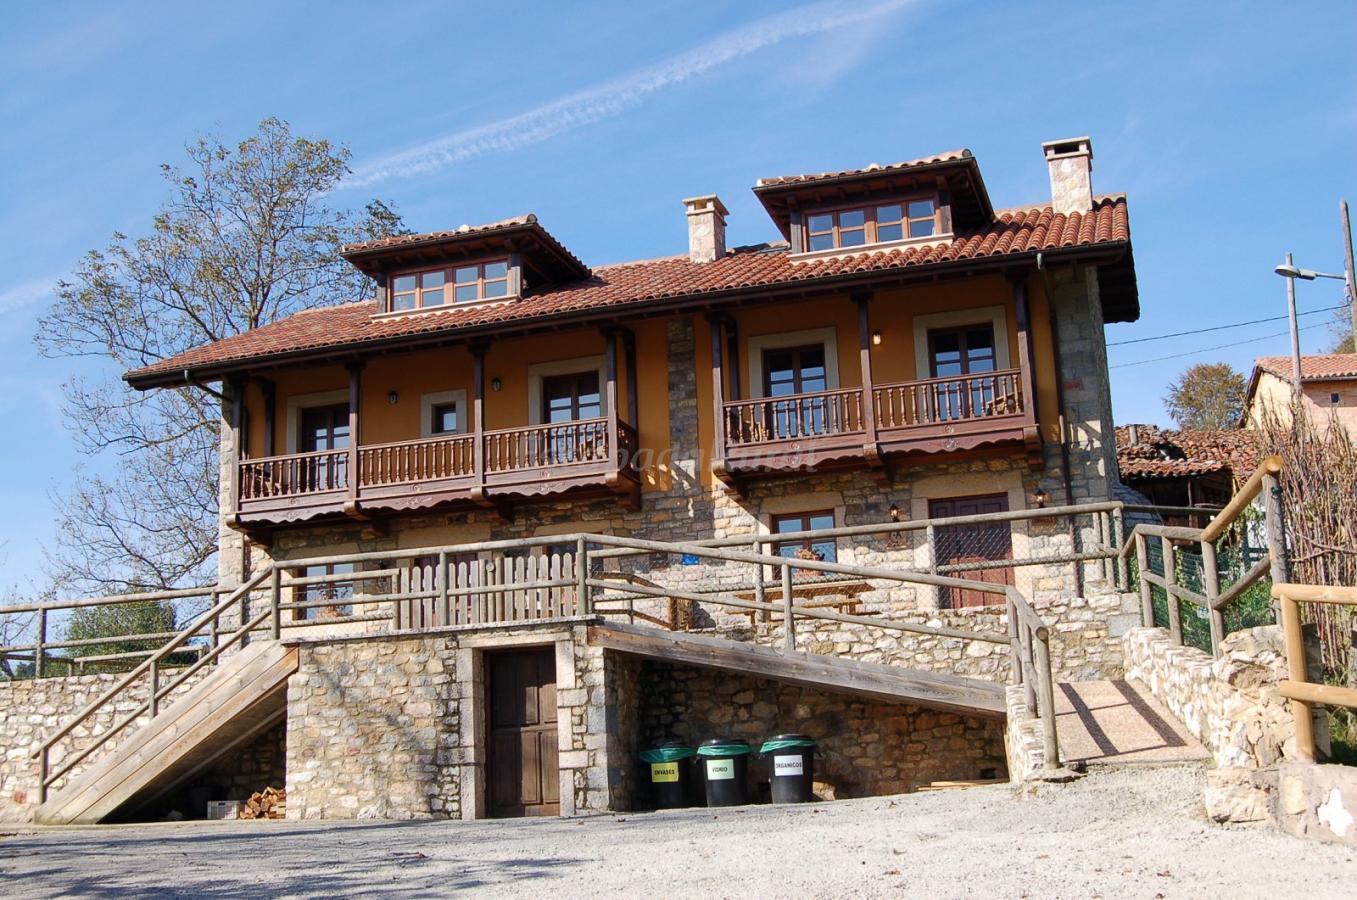 Fotos de casas de aldea pe anes casa de campo morc n asturias - Casa de campo asturias ...